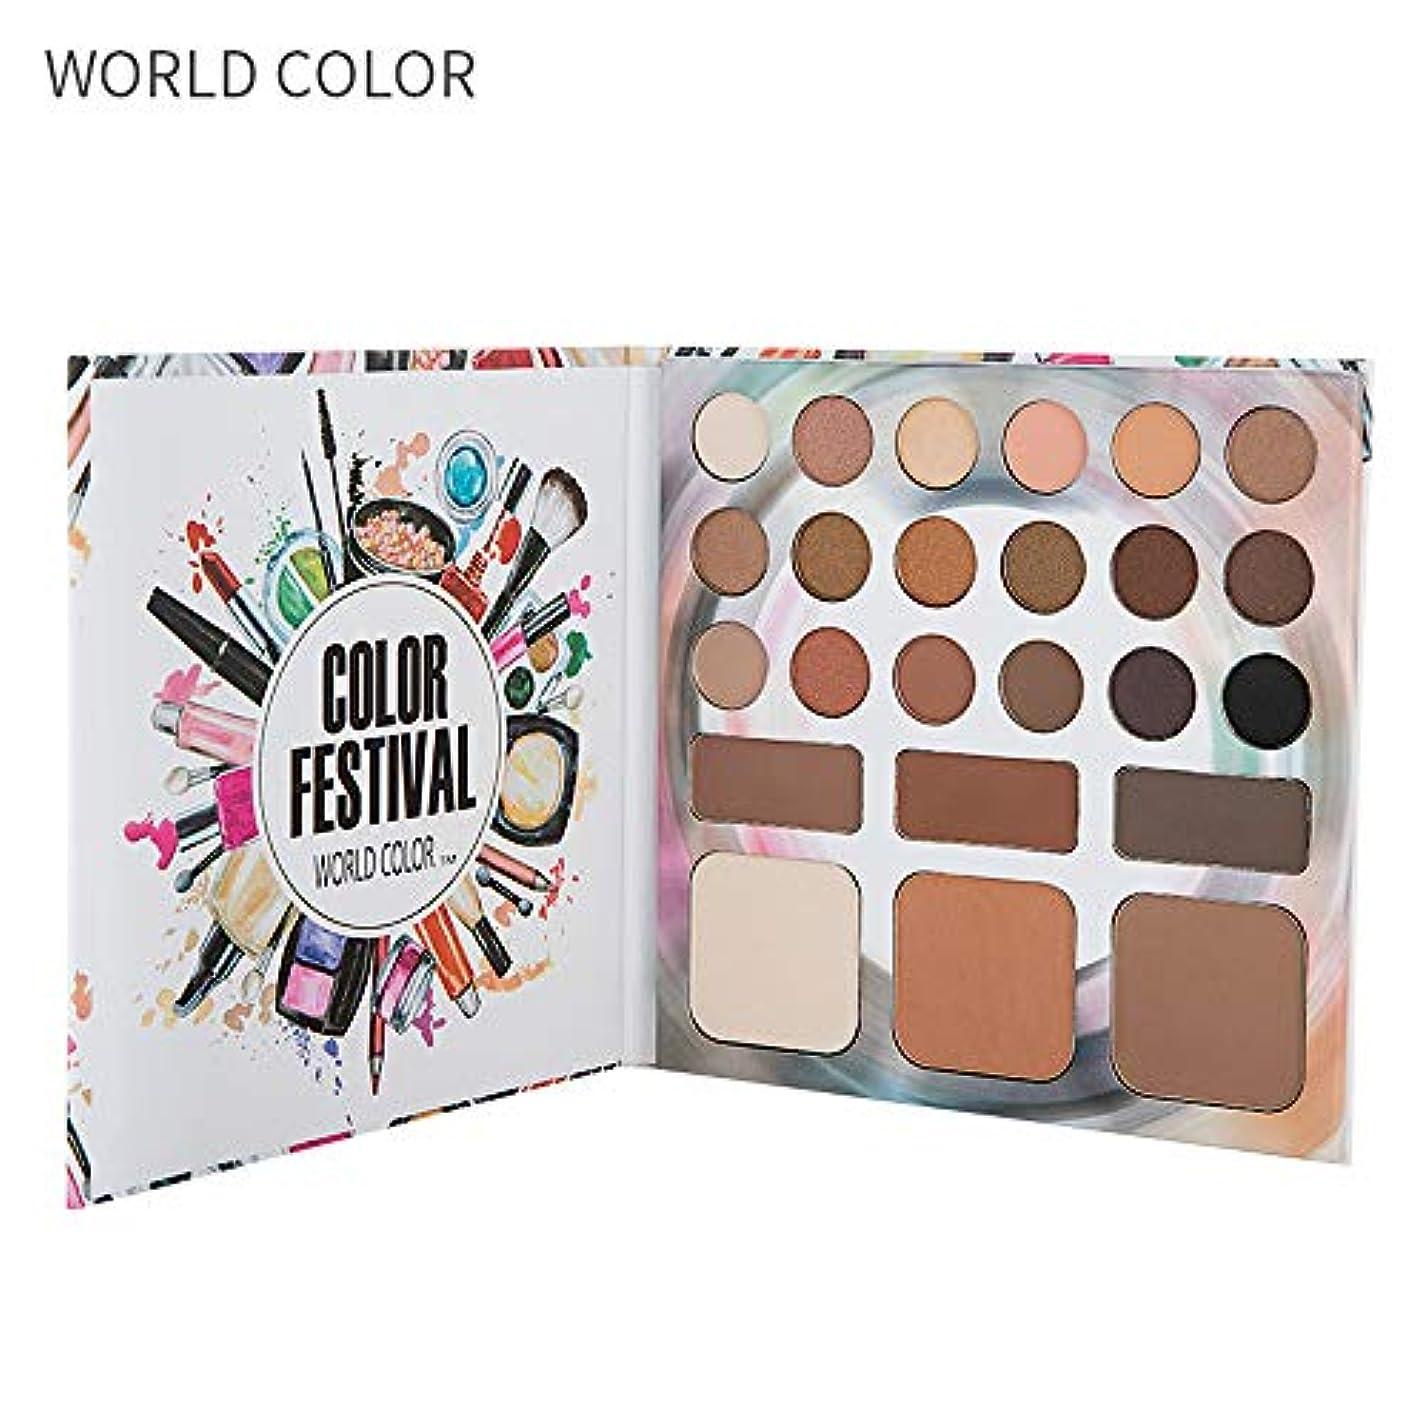 電報スーダン物理的に24色のマットアイシャドウシェーディングパワーと蛍光ペンパワー化粧品